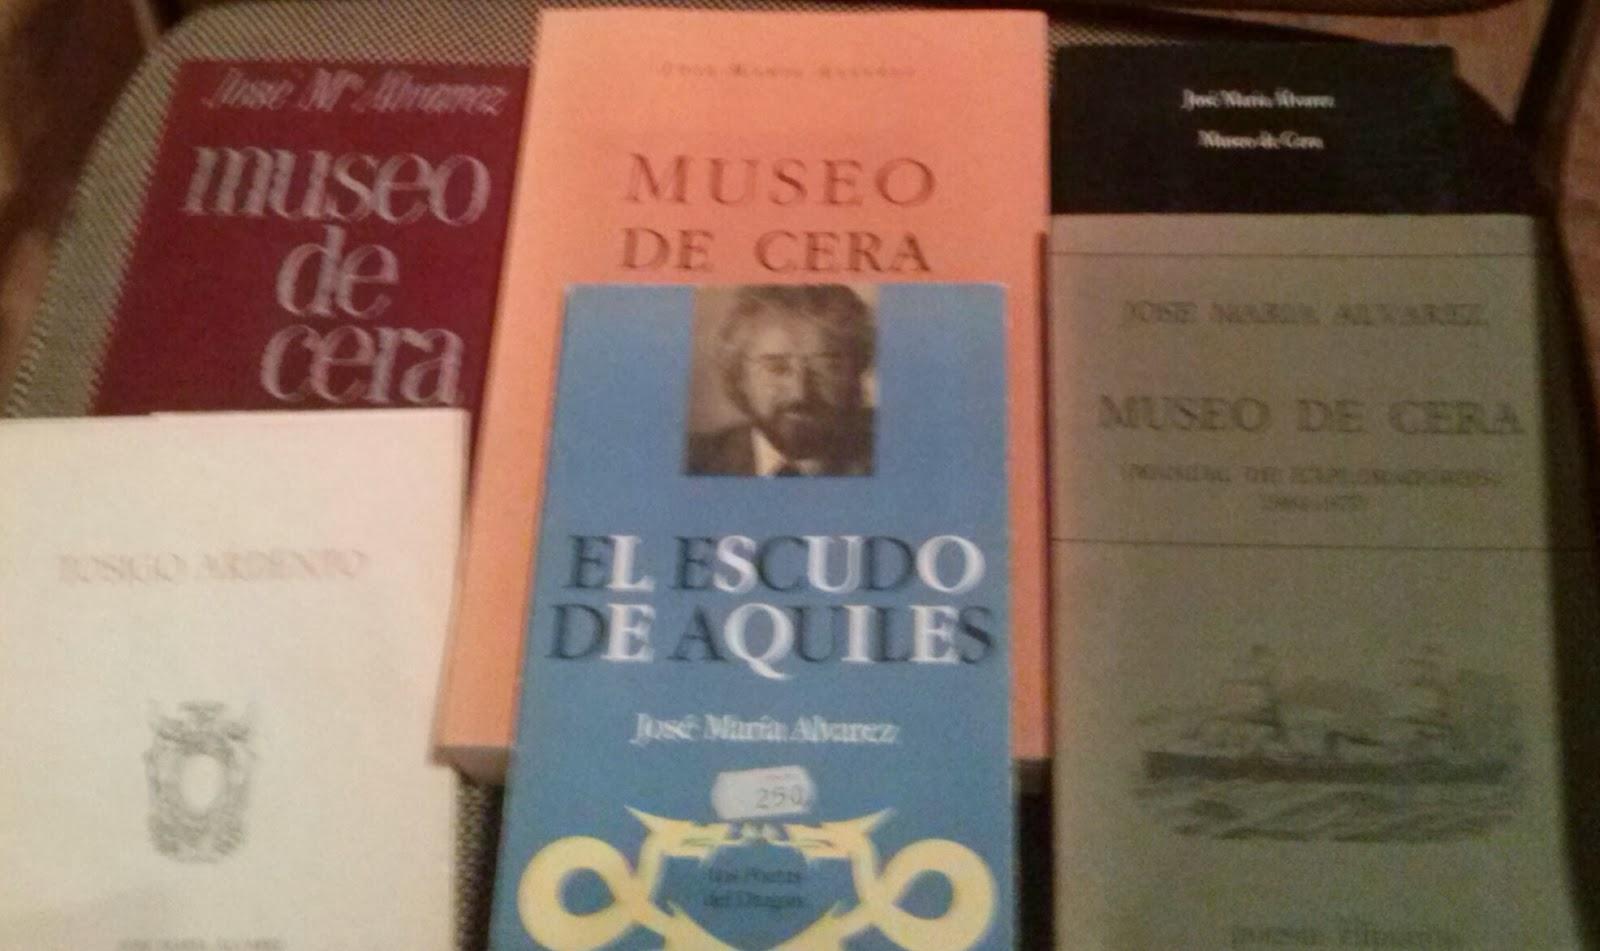 Libros de poesías de José María Álvarez